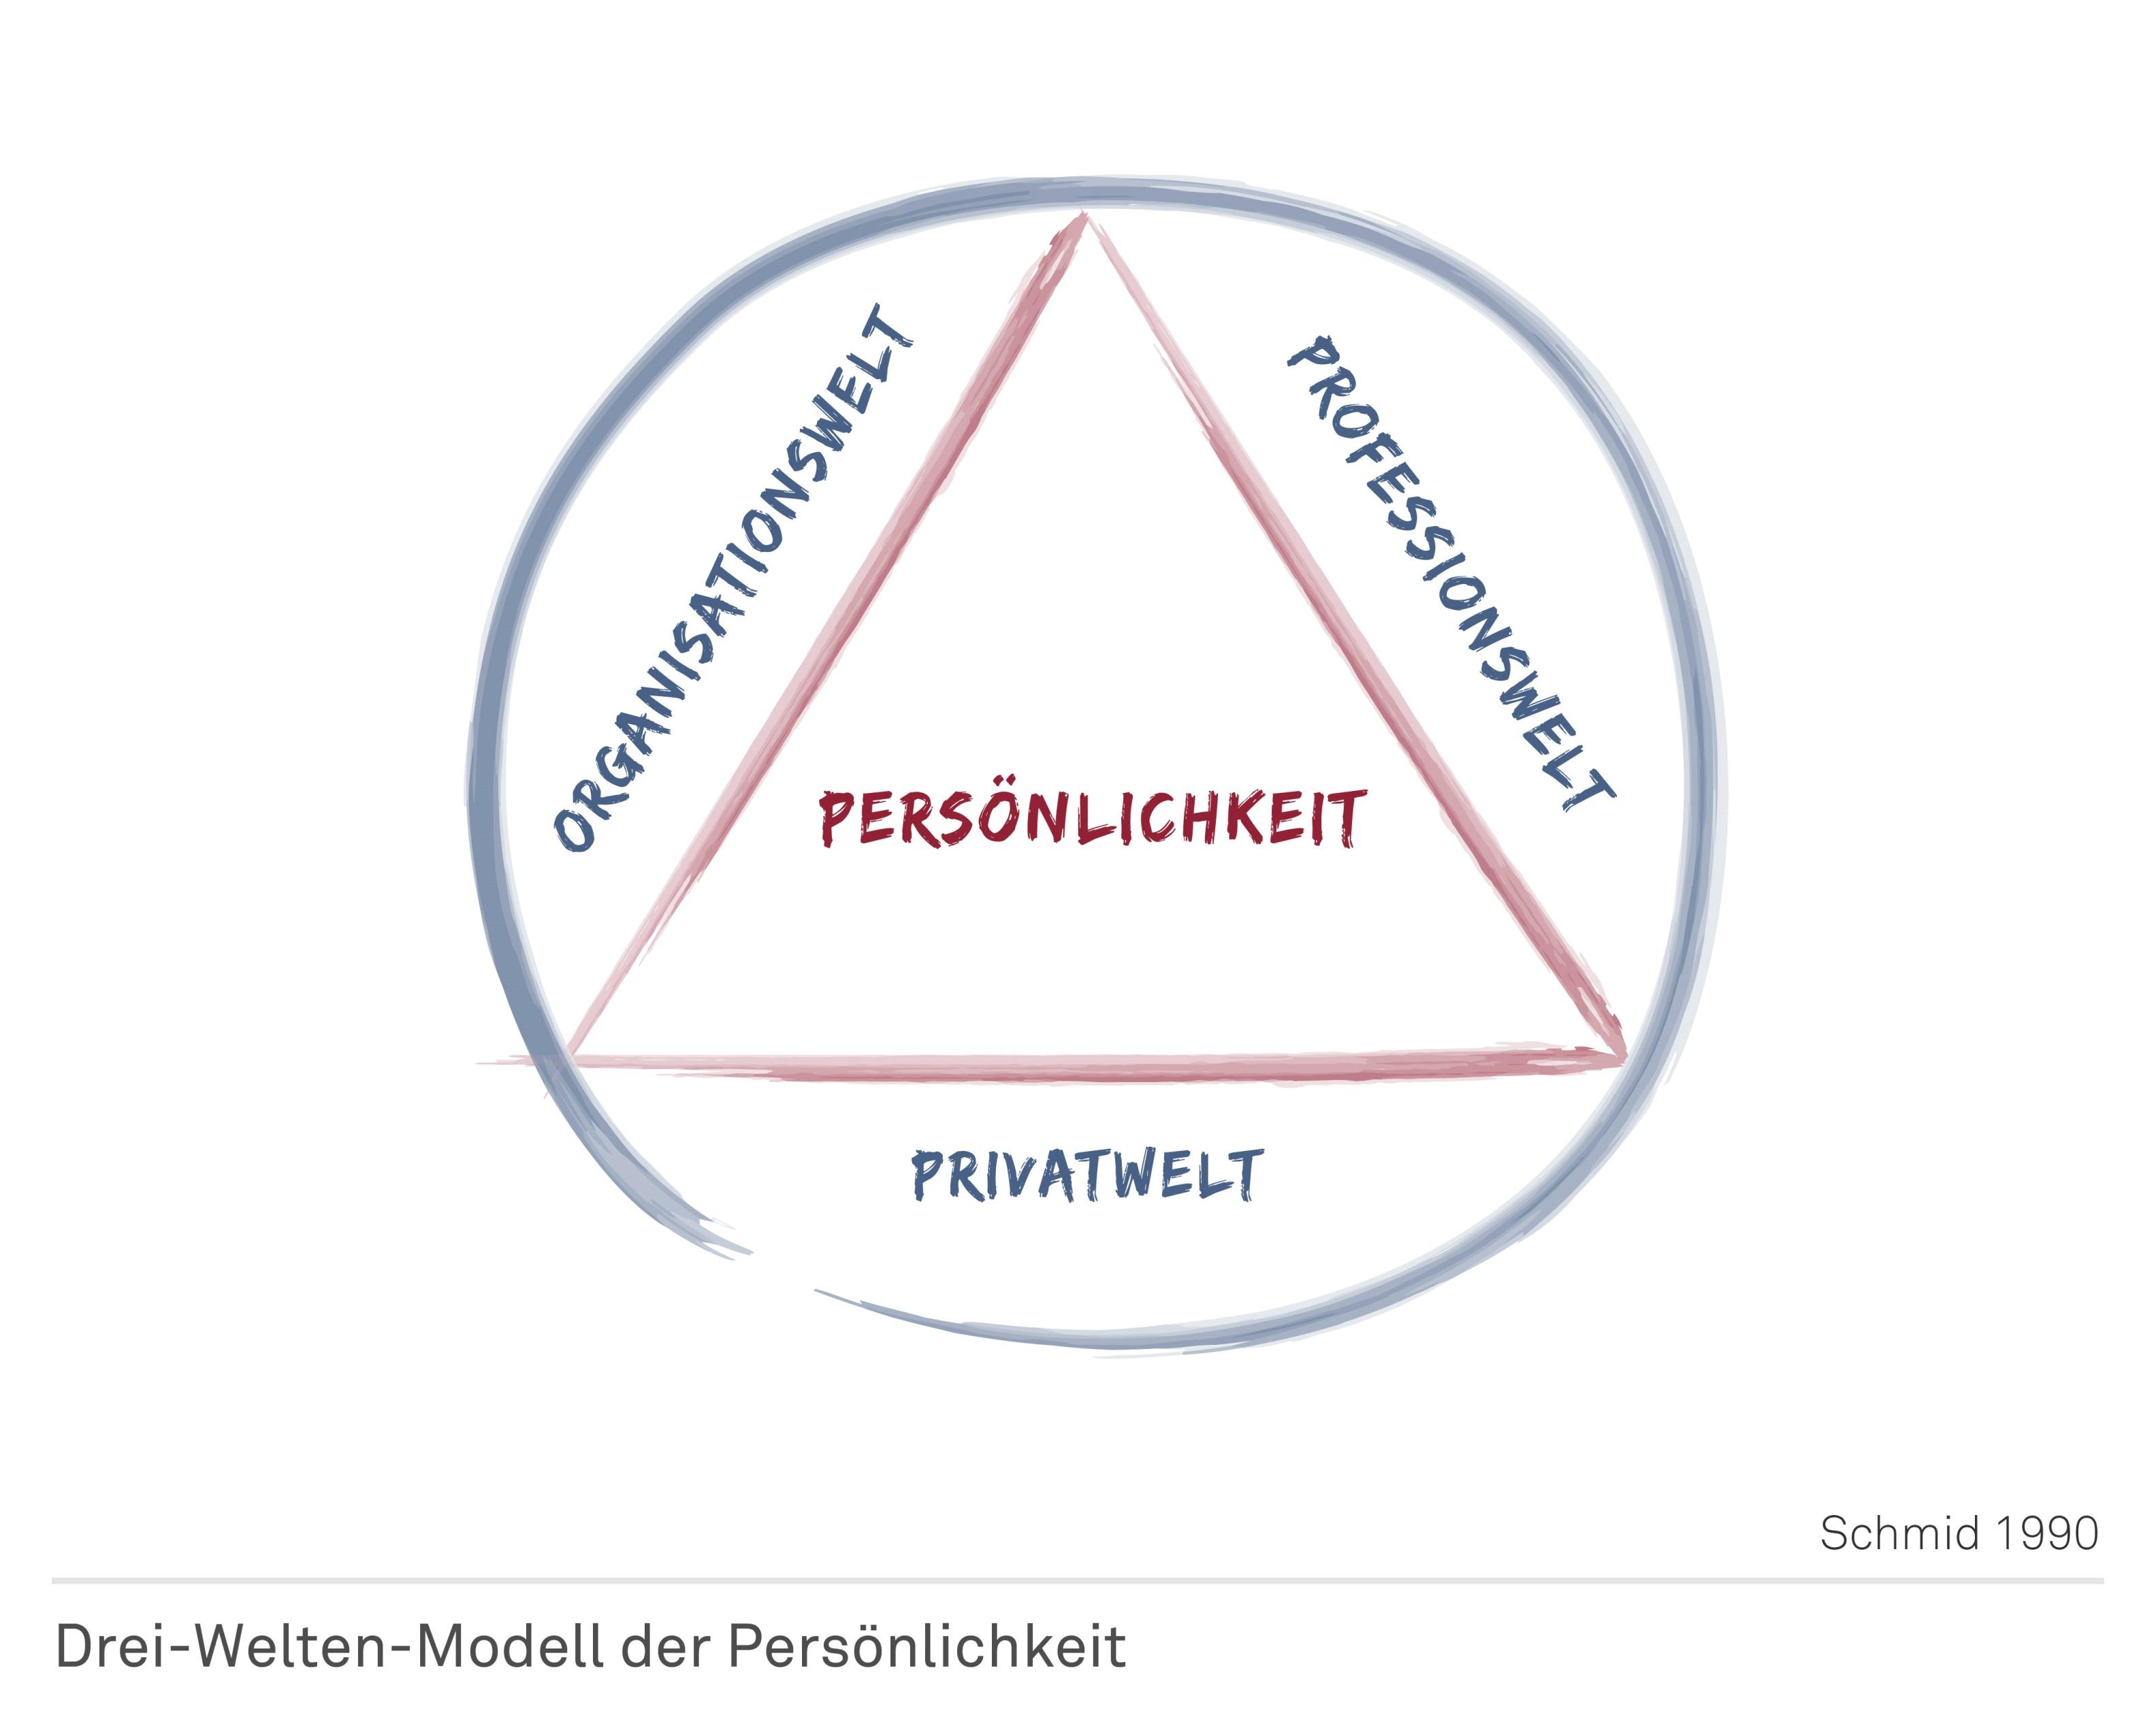 Dreiweltenmodell der Persönlichkeit